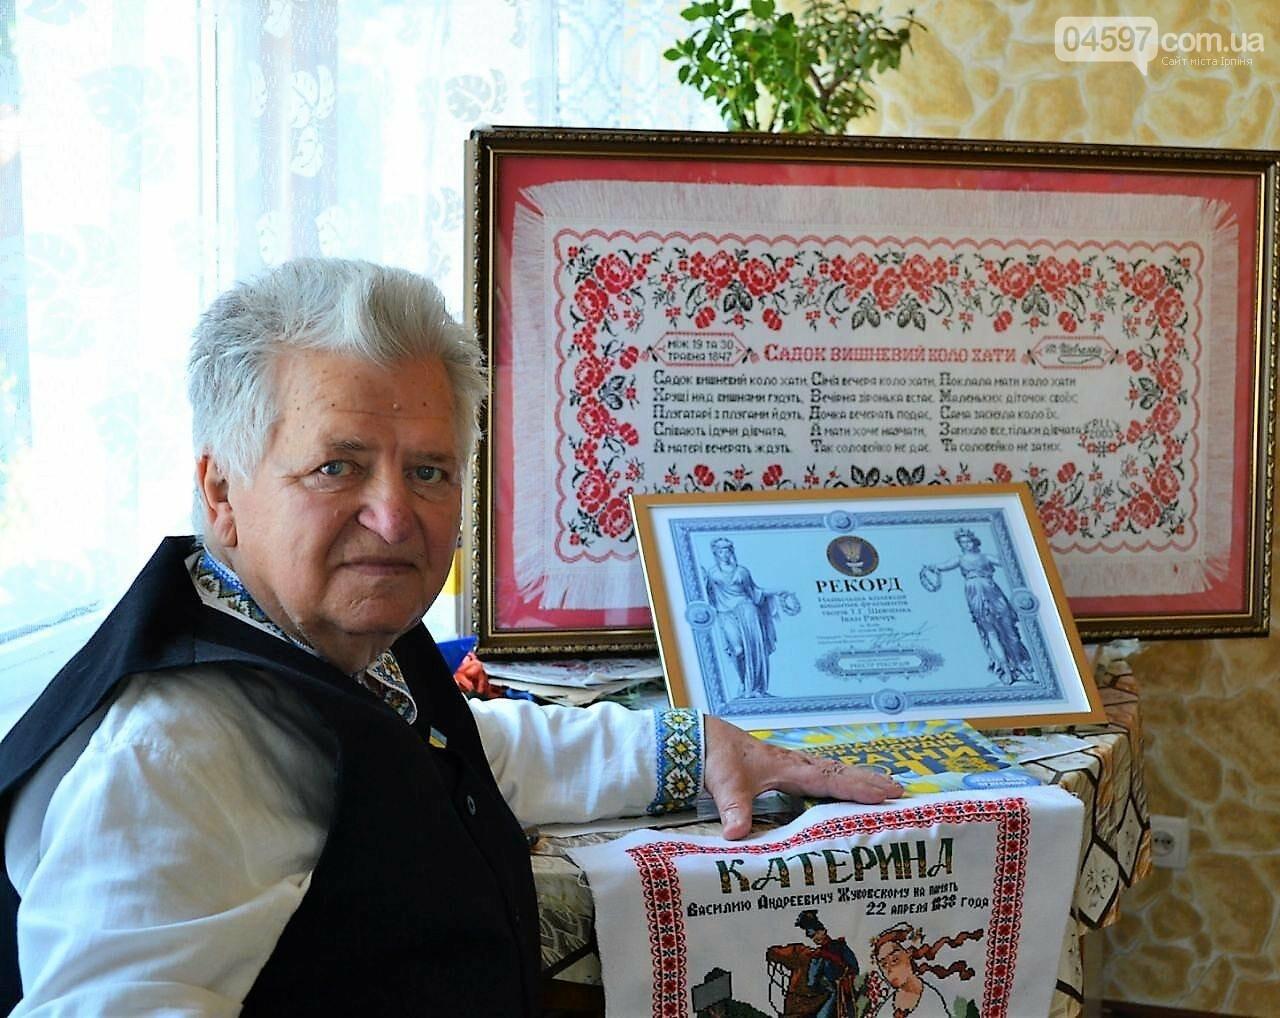 Ірпінчанин отримав відзнаку Національного реєстру рекордів, фото-1